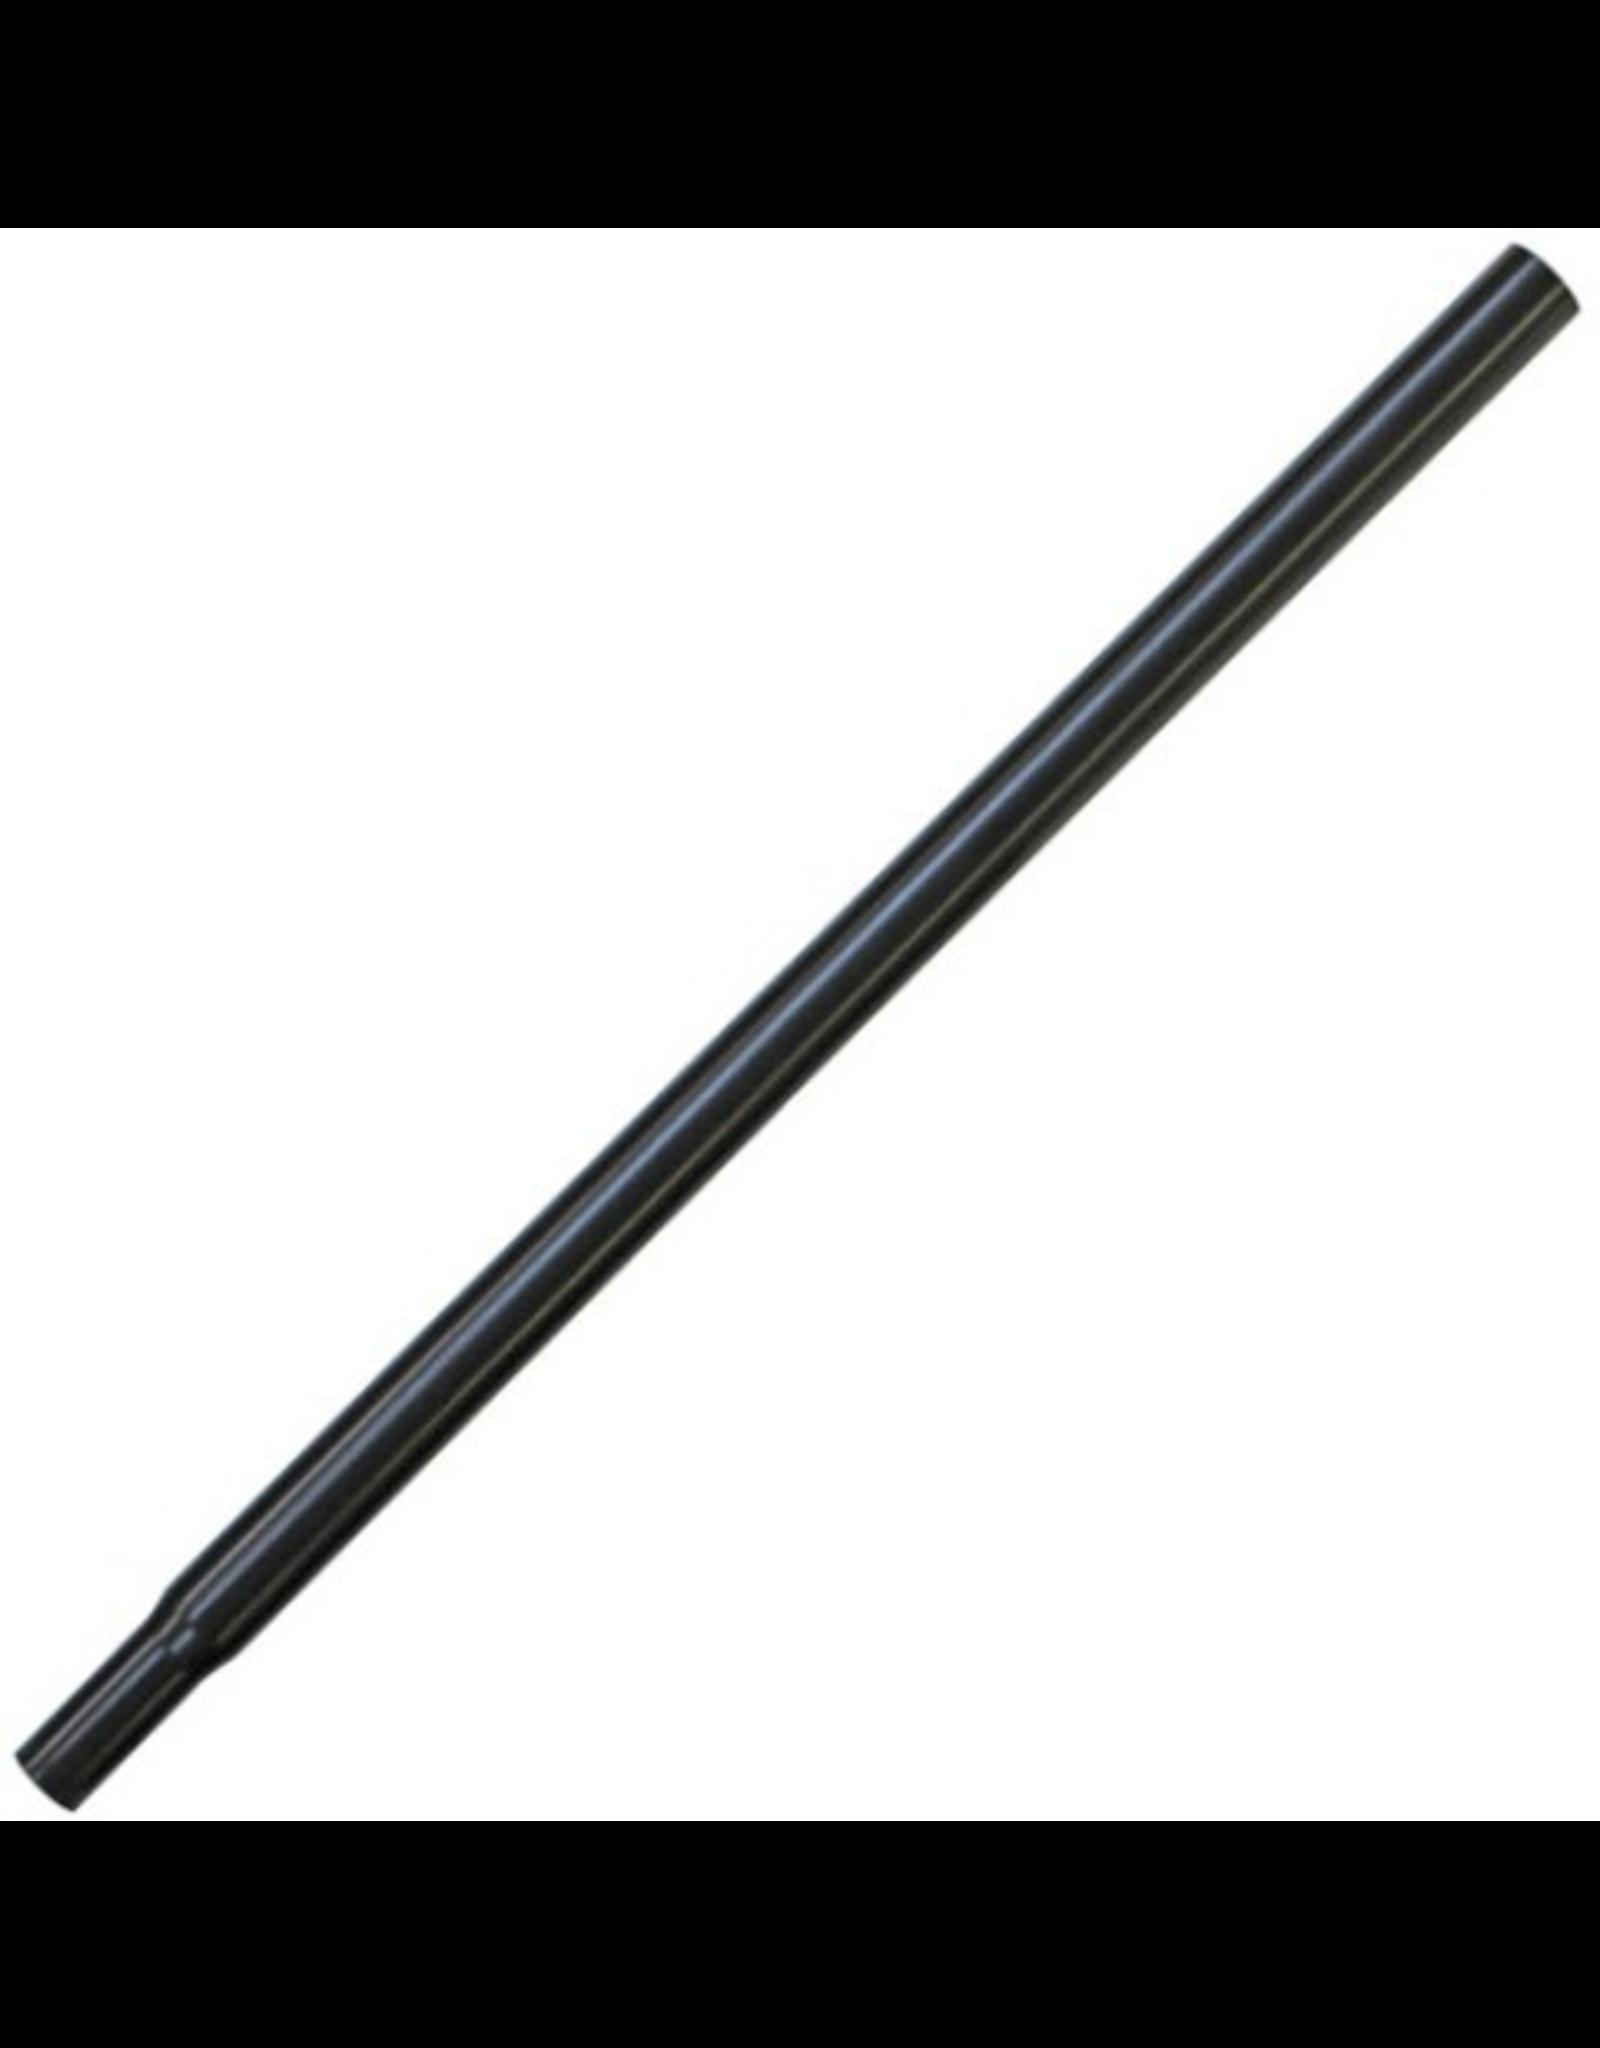 Erva ETTE20 20'' Pole Extention